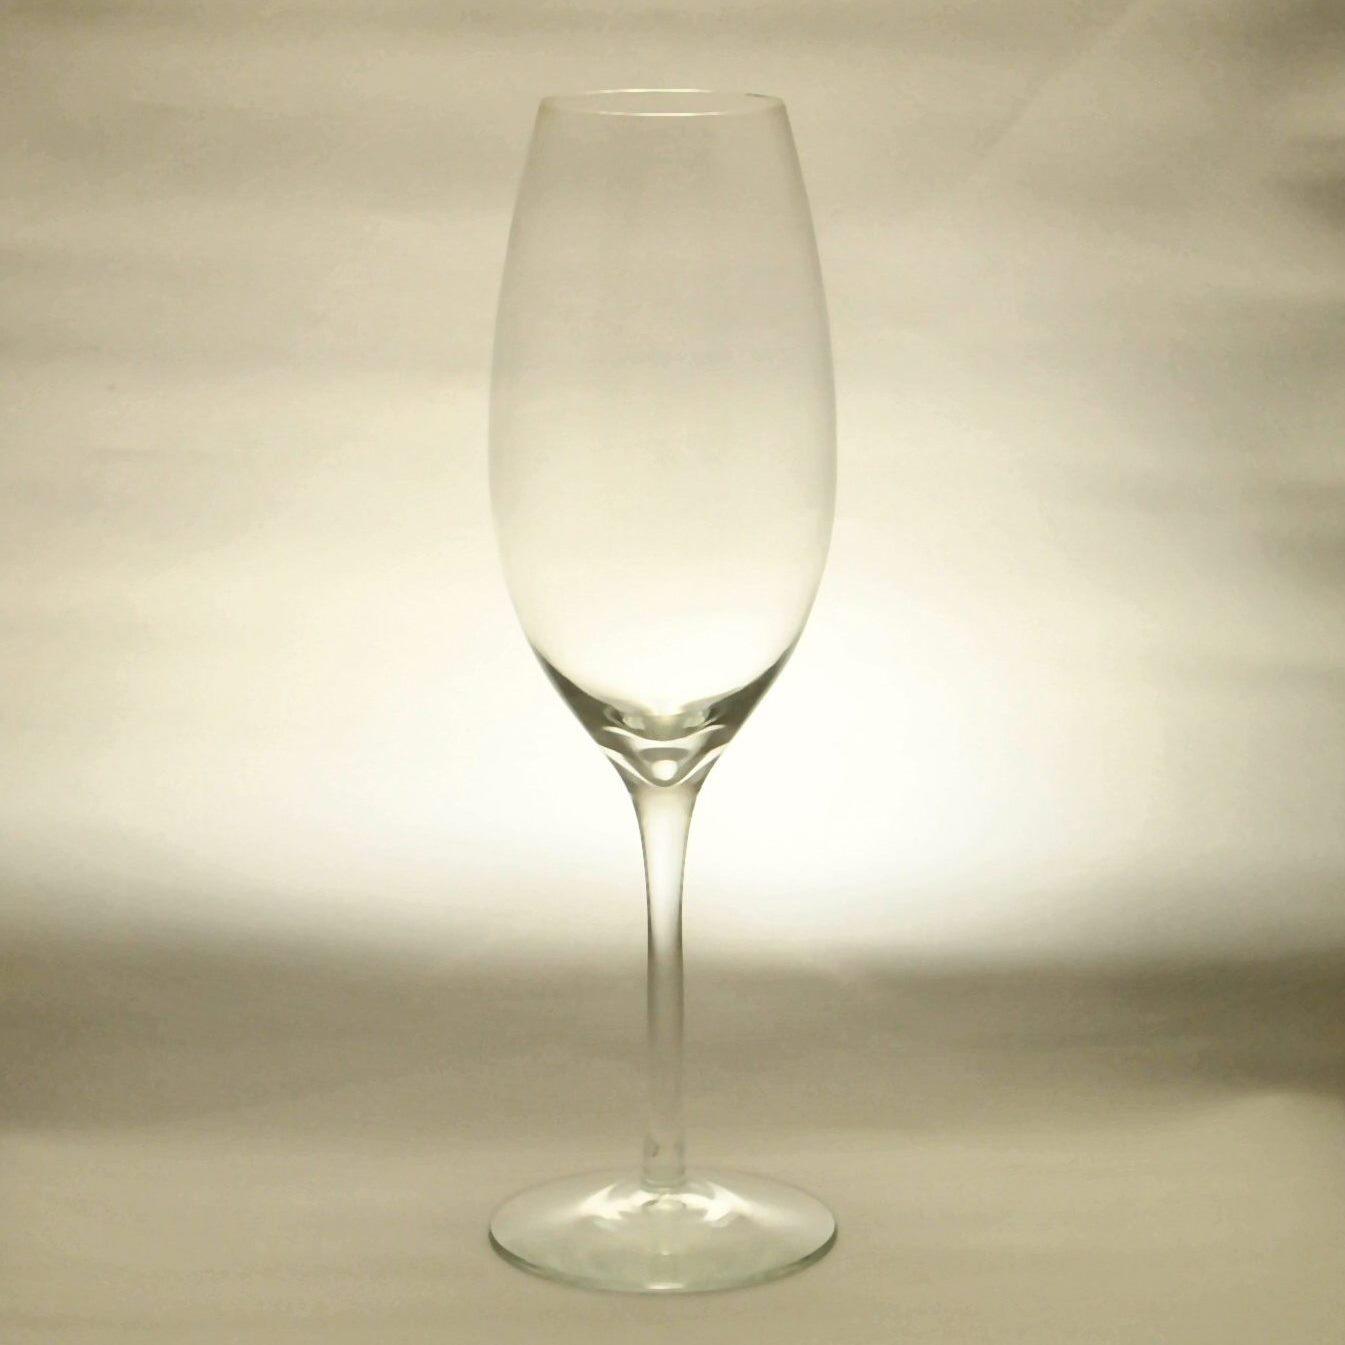 レイミューラー ジューリン シャンパングラス REIJMYRE Juhlin Champagne Glass